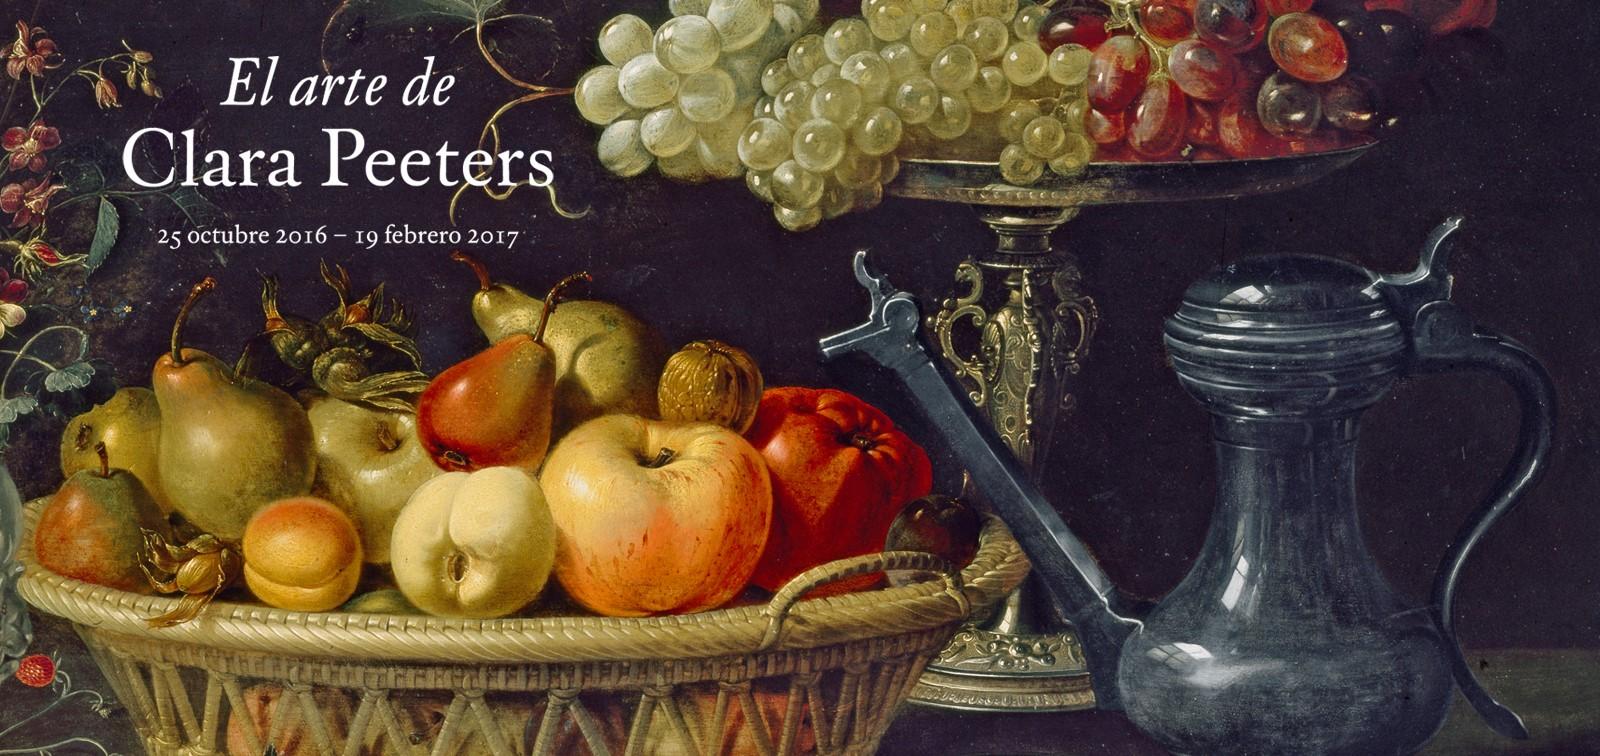 El arte de Clara Peeters